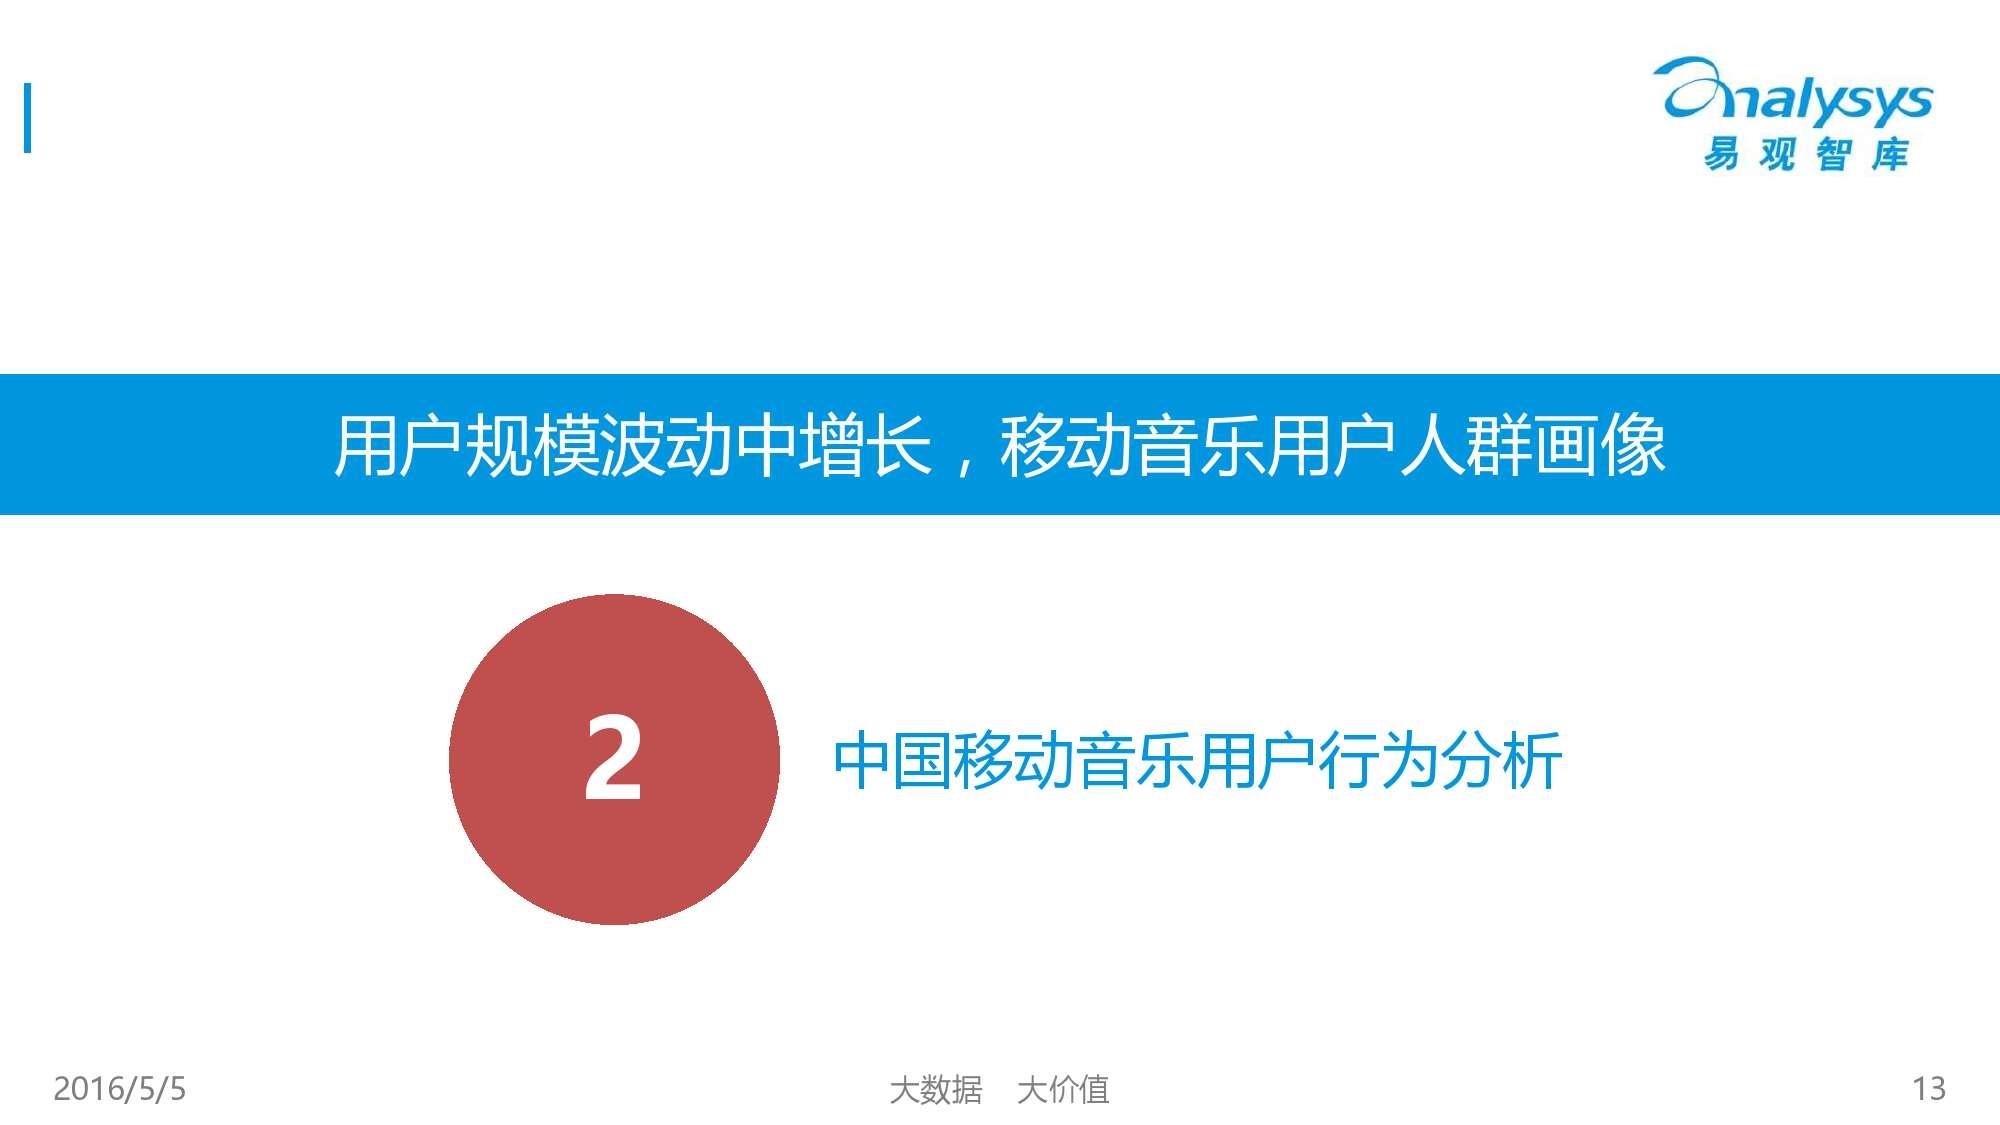 2016中国移动音乐市场年度综合报告_000013